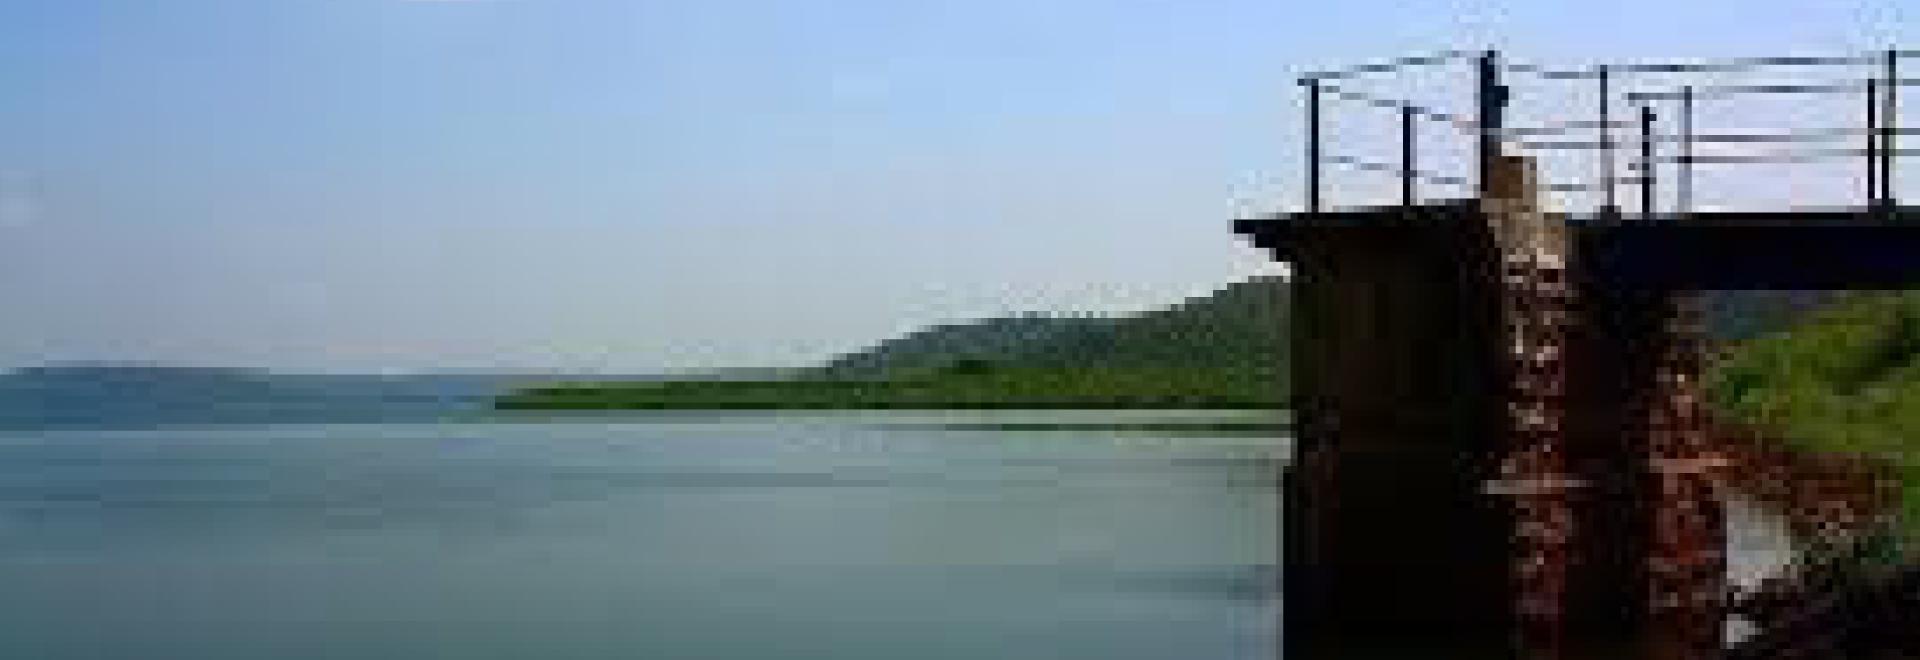 Pariat Gravity Dam